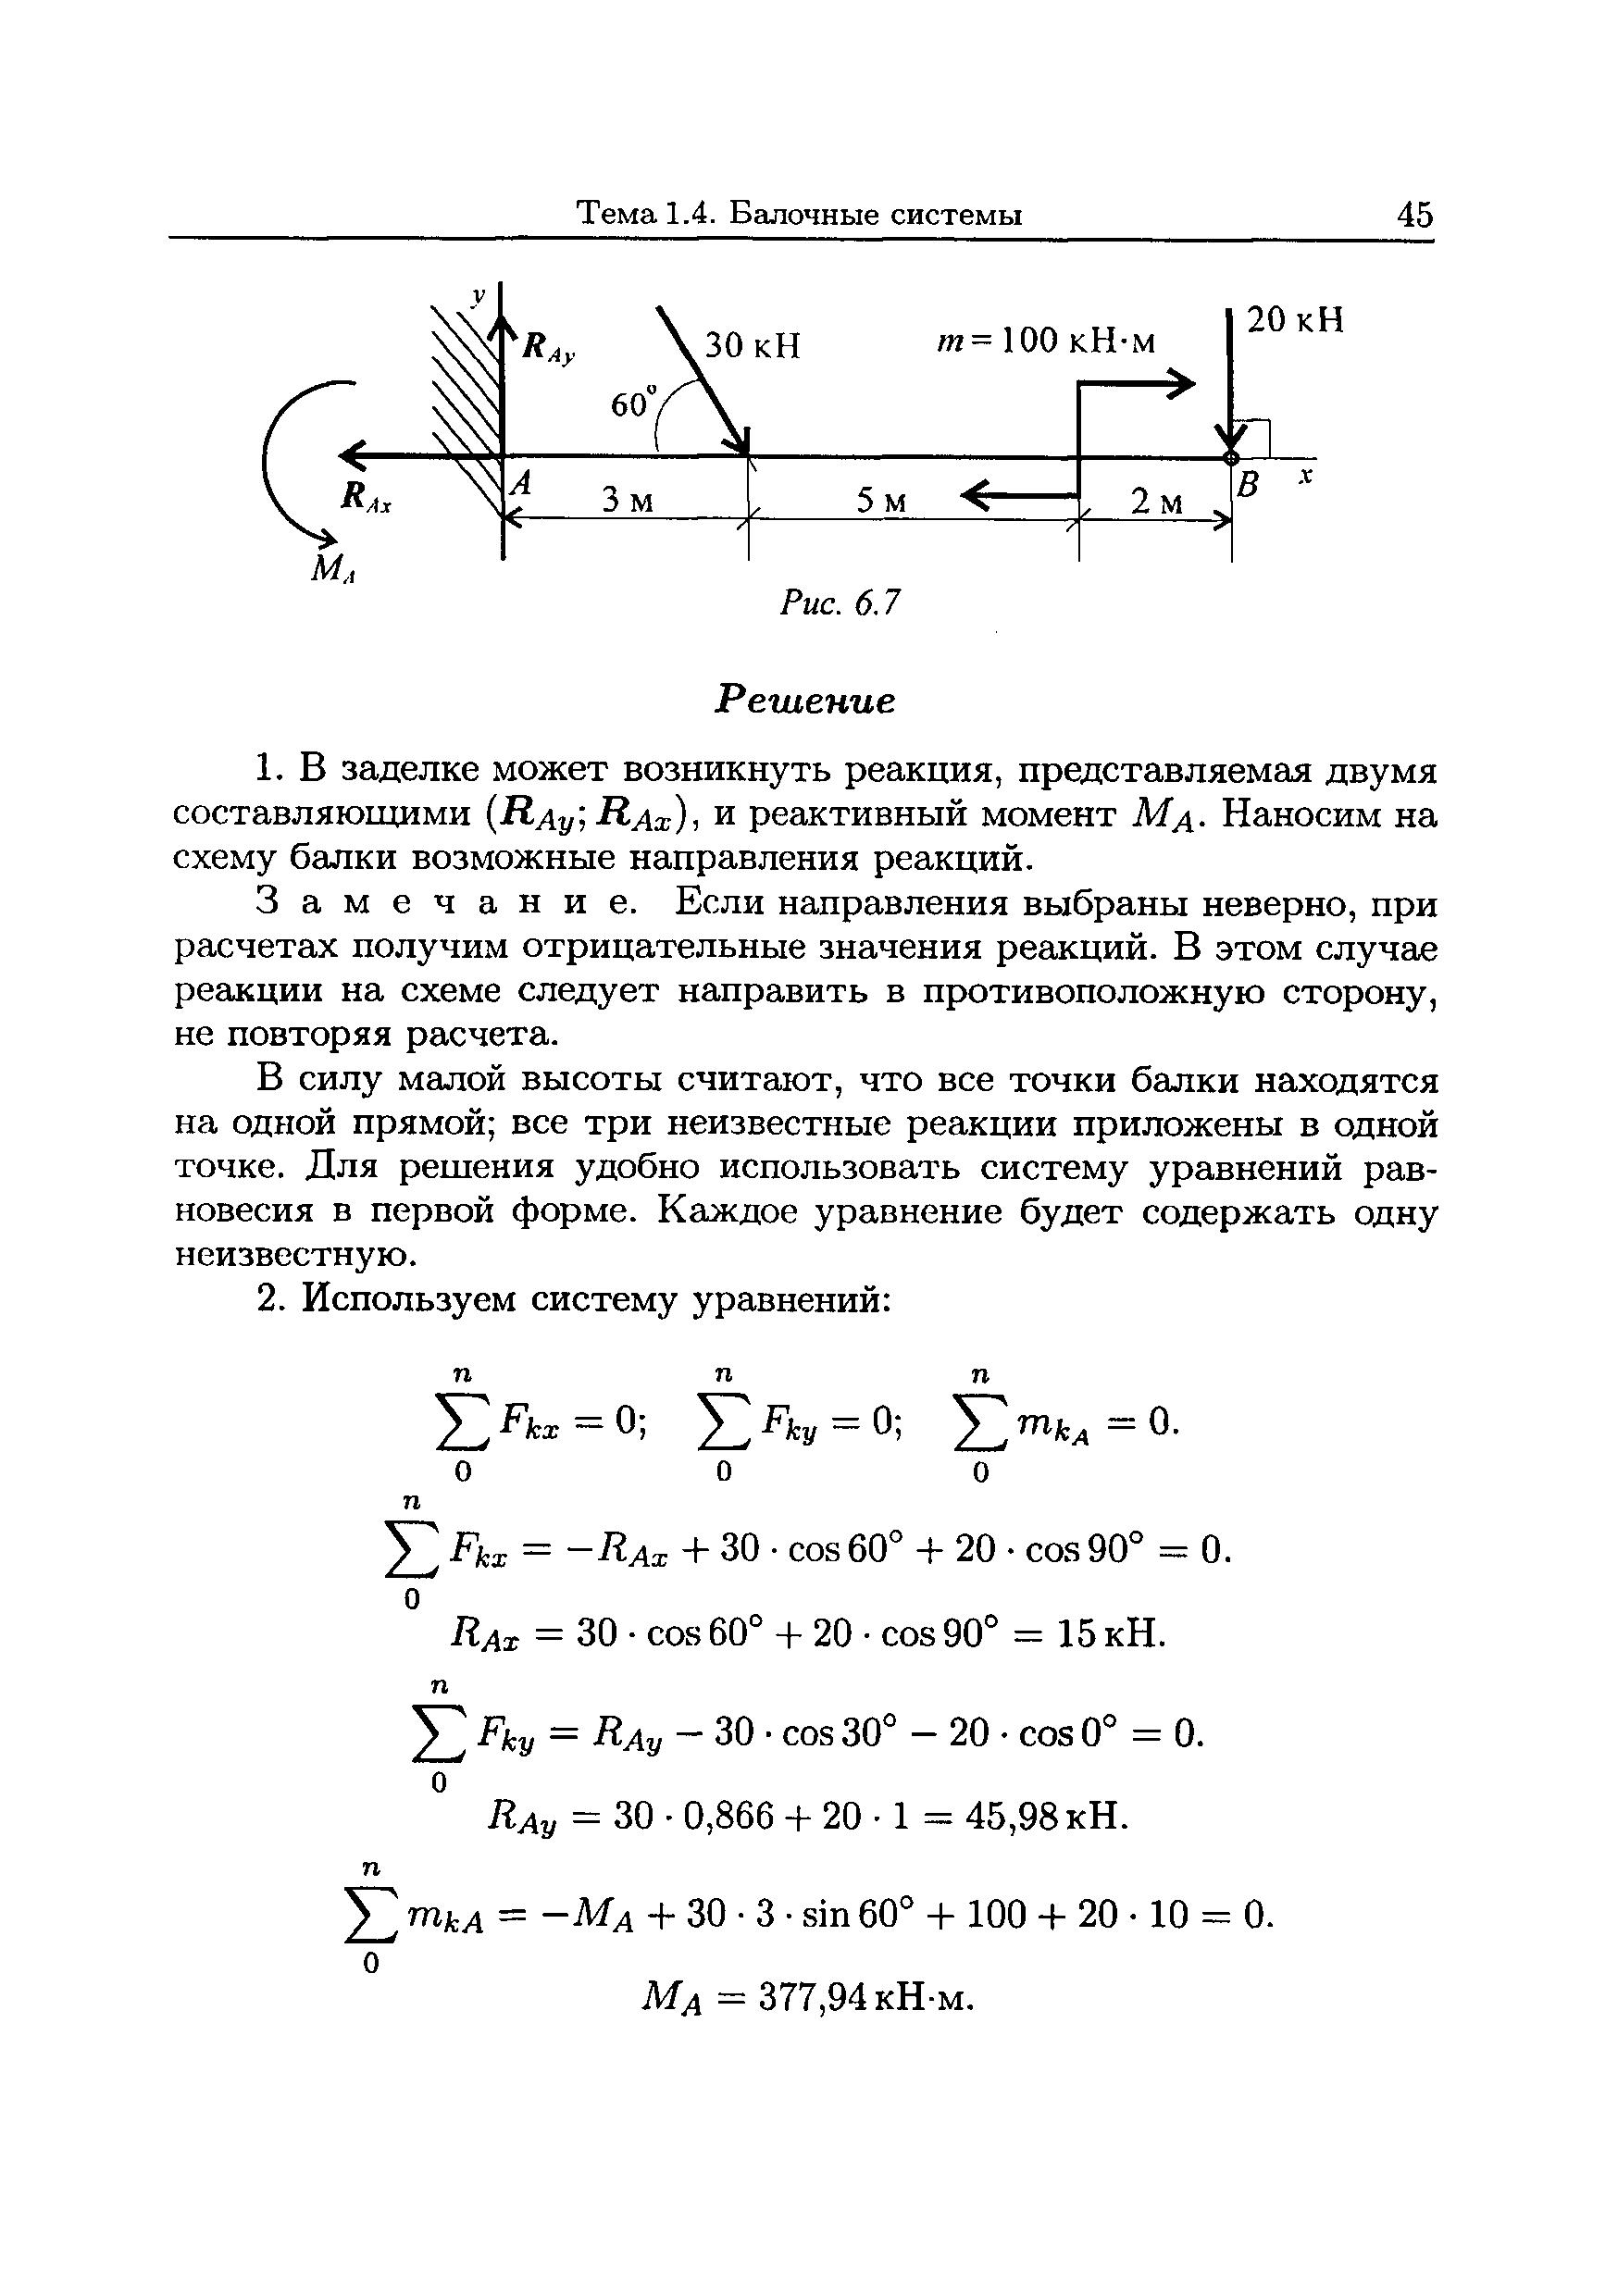 Технической решебник механике задач сборник по олофинская